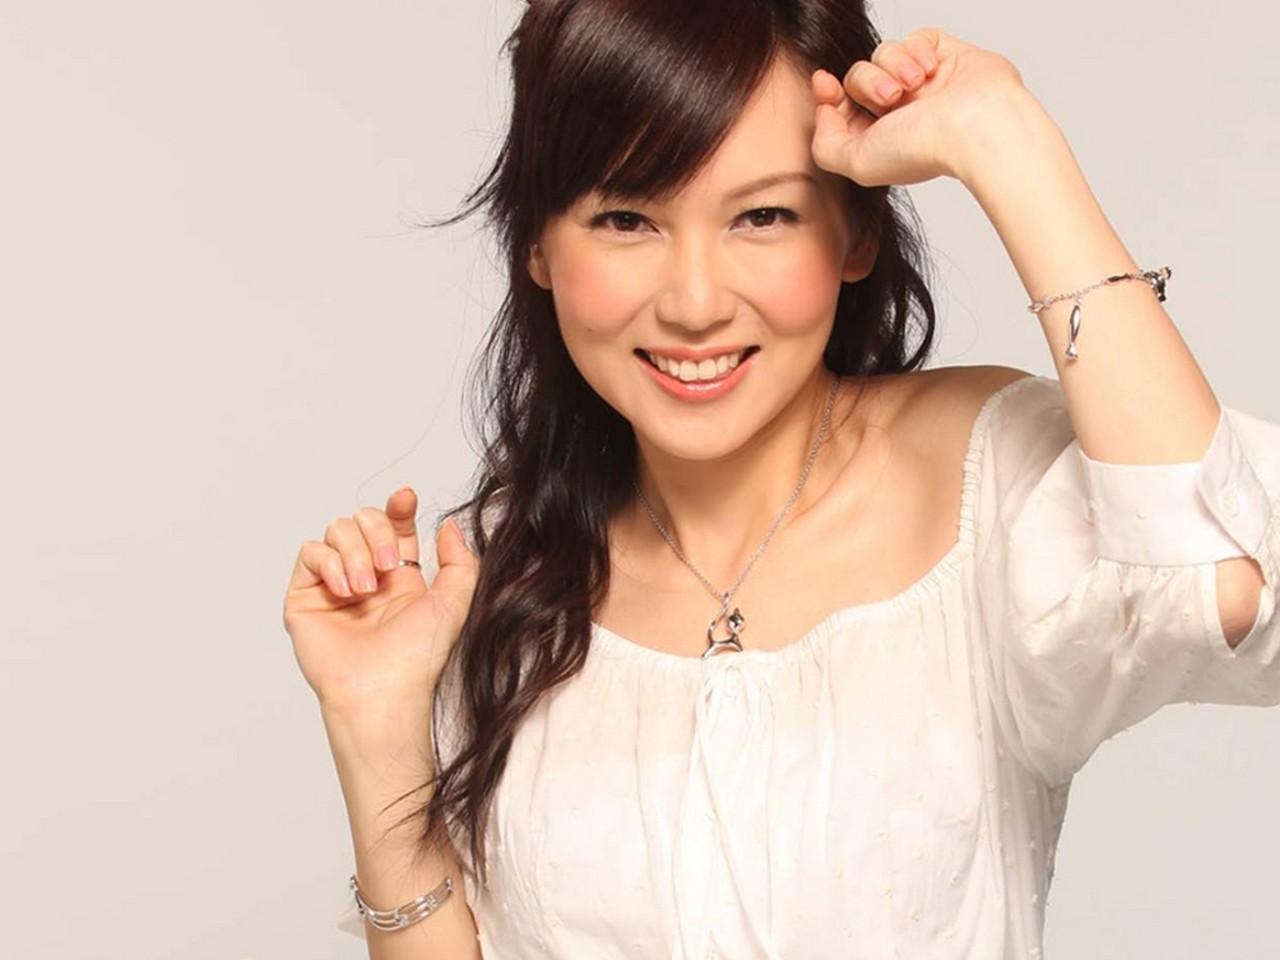 Macy Chan: http://tvbdesktop.blogspot.com/2012/11/macy-chan.html